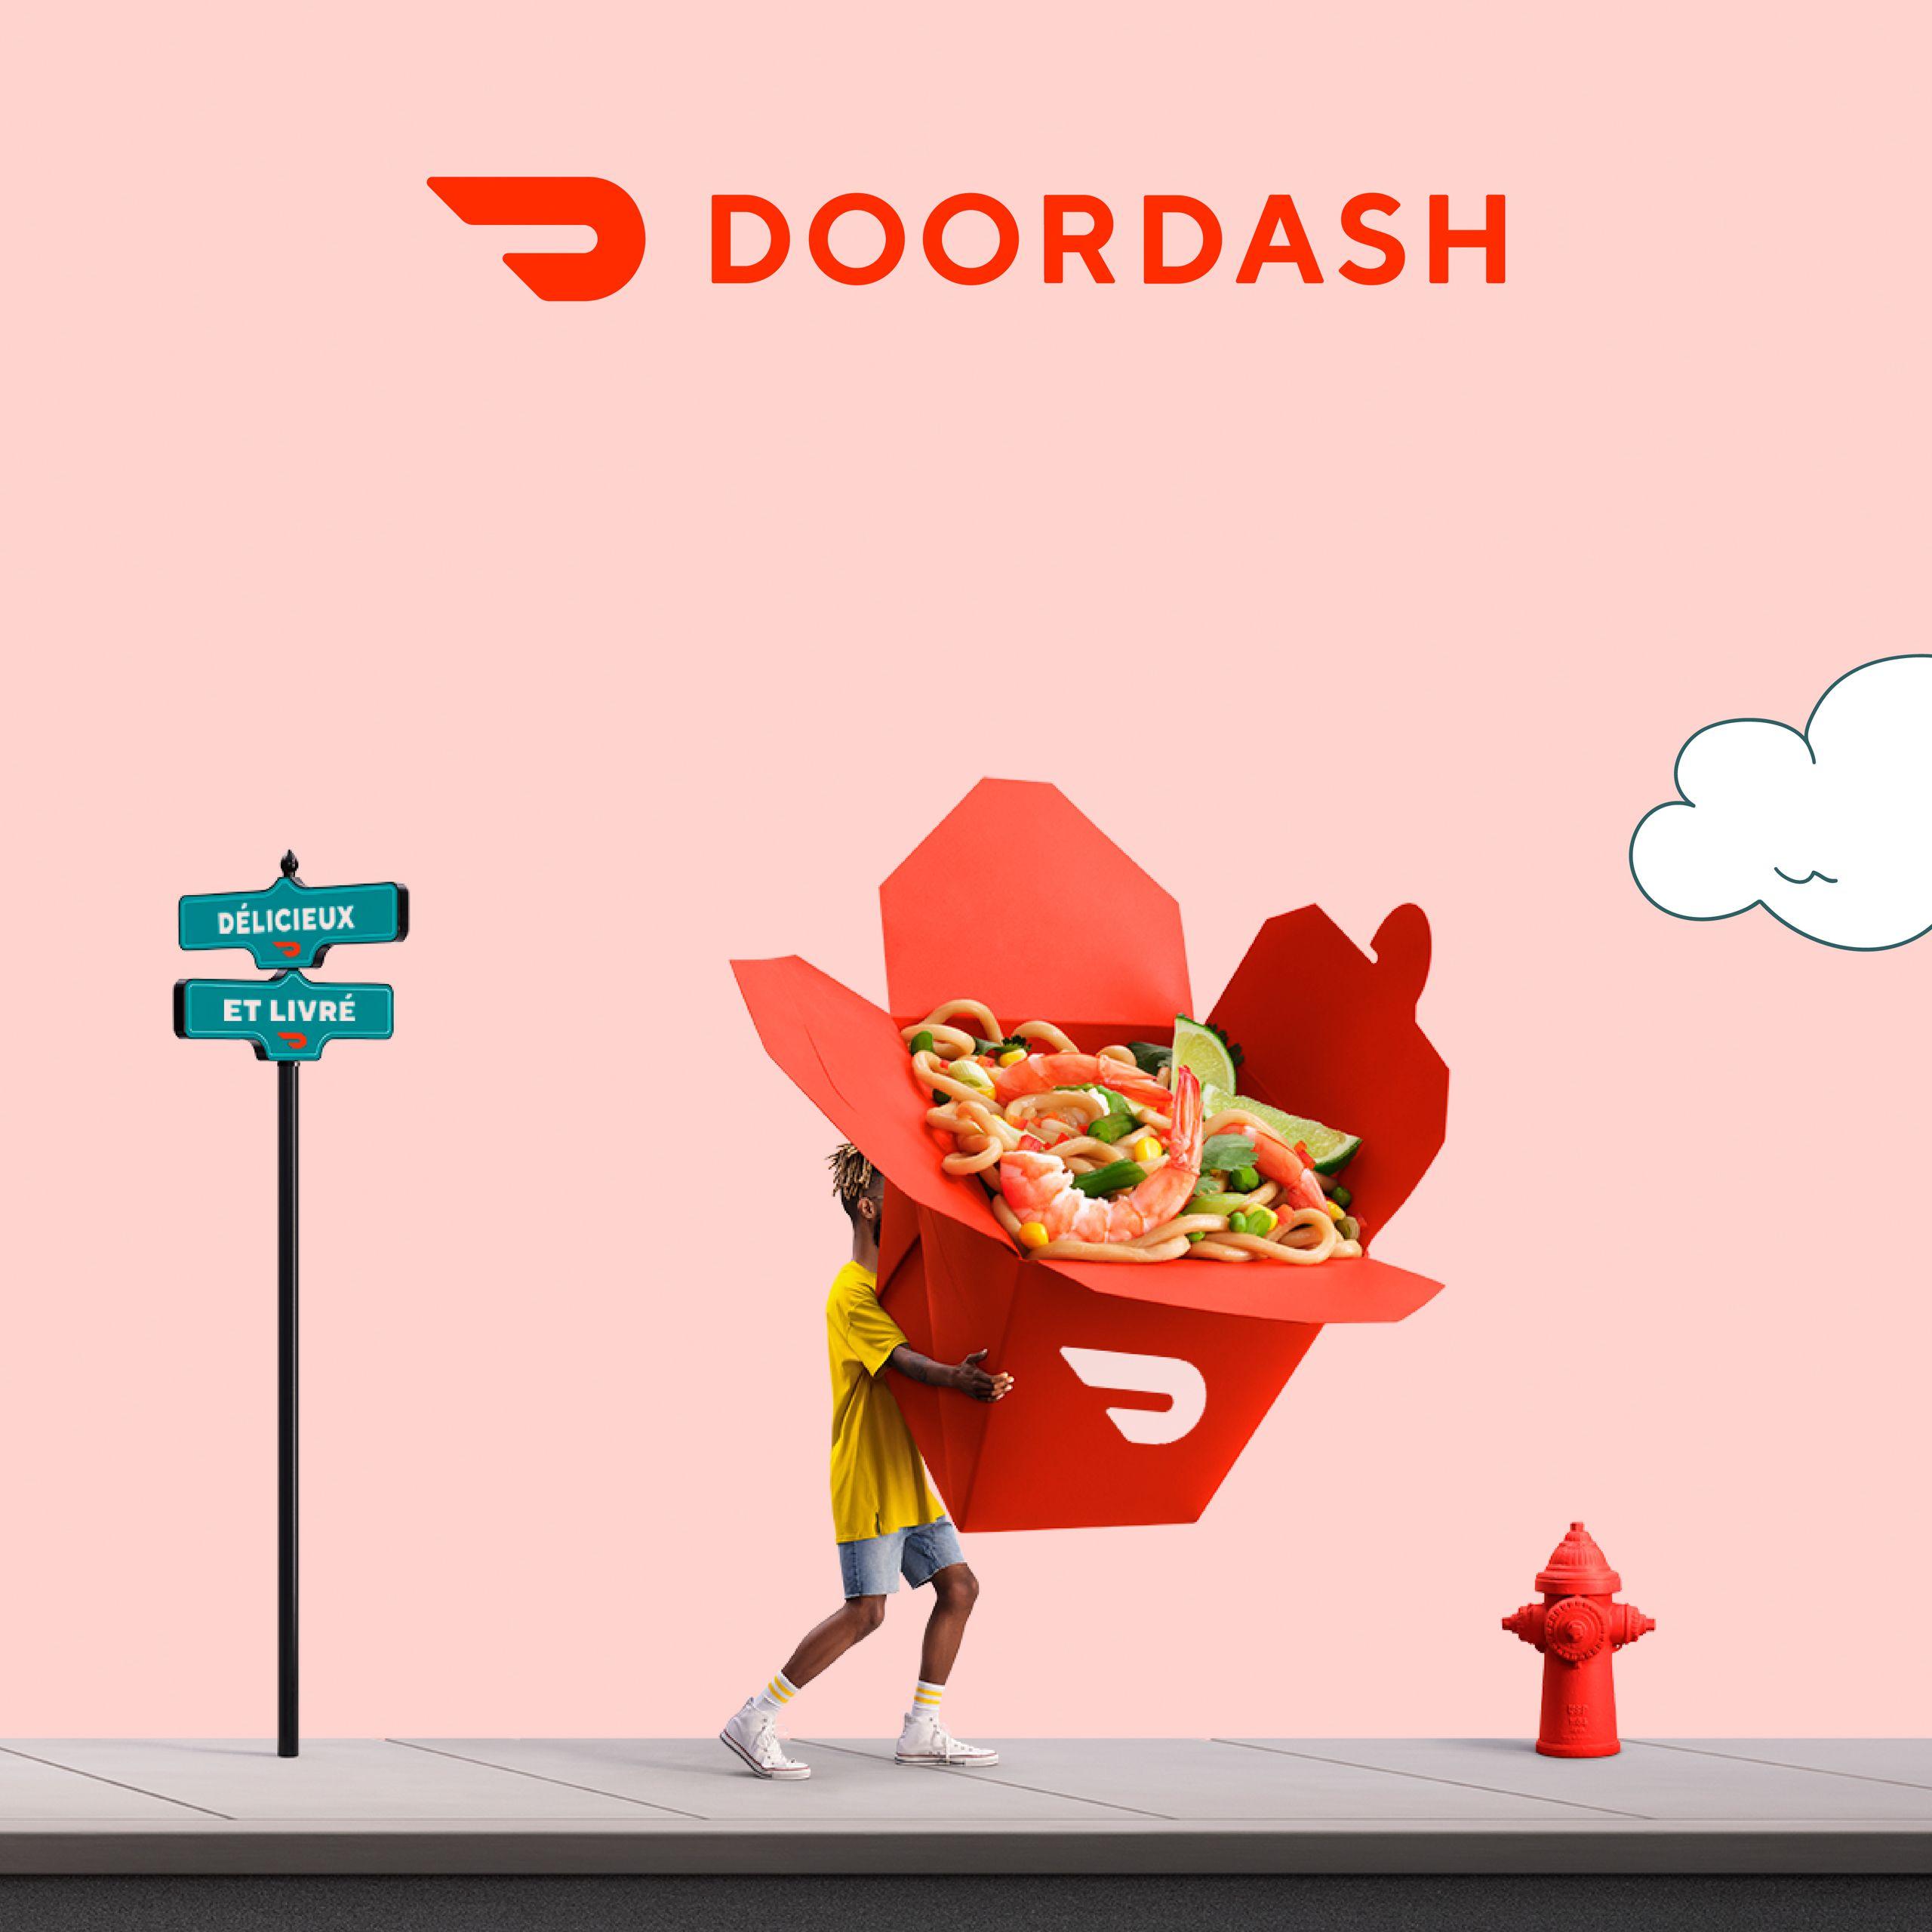 Un homme transporte un gigantesque récipient de nourriture doordash avec des nouilles et une crevette. Il marche sur le trottoir, l'arrière-plan est rose et il y a des nuages dessinés.